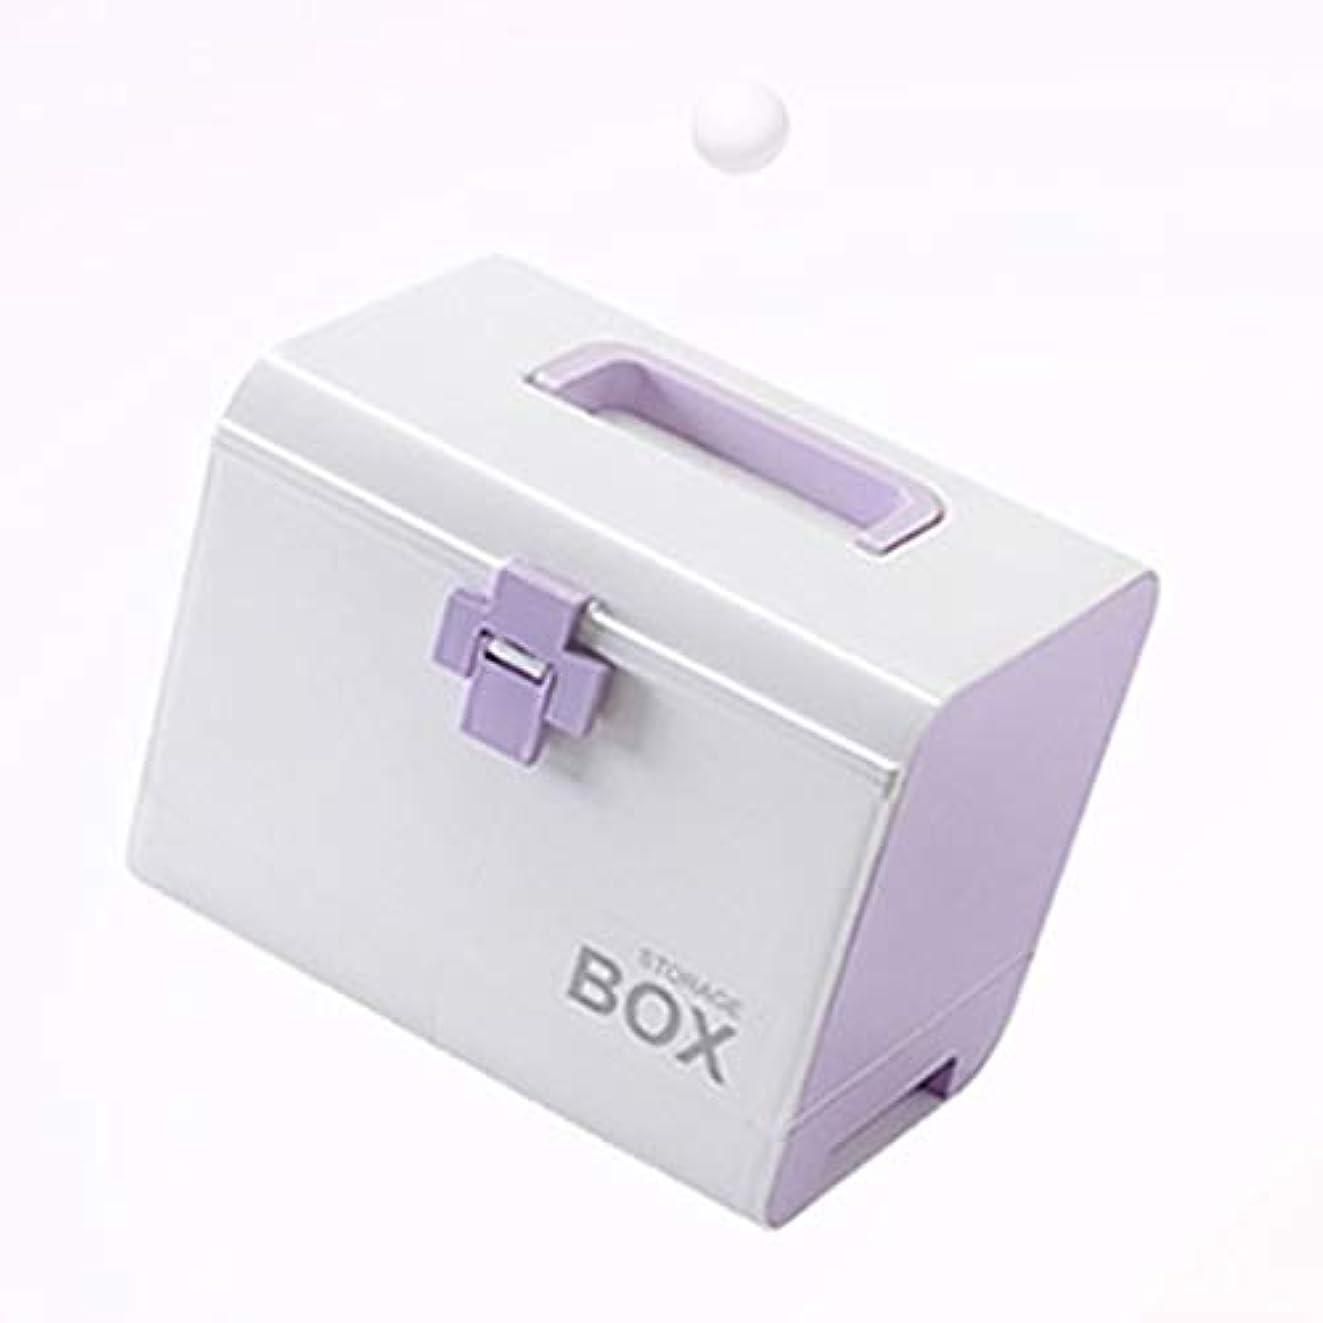 純粋にテープ混乱緊急用バッグ 大型ドラッグ収納ボックス多層救急箱携帯用家庭用薬箱4色(青、緑、ピンク、紫) HMMSP (Color : Purple)